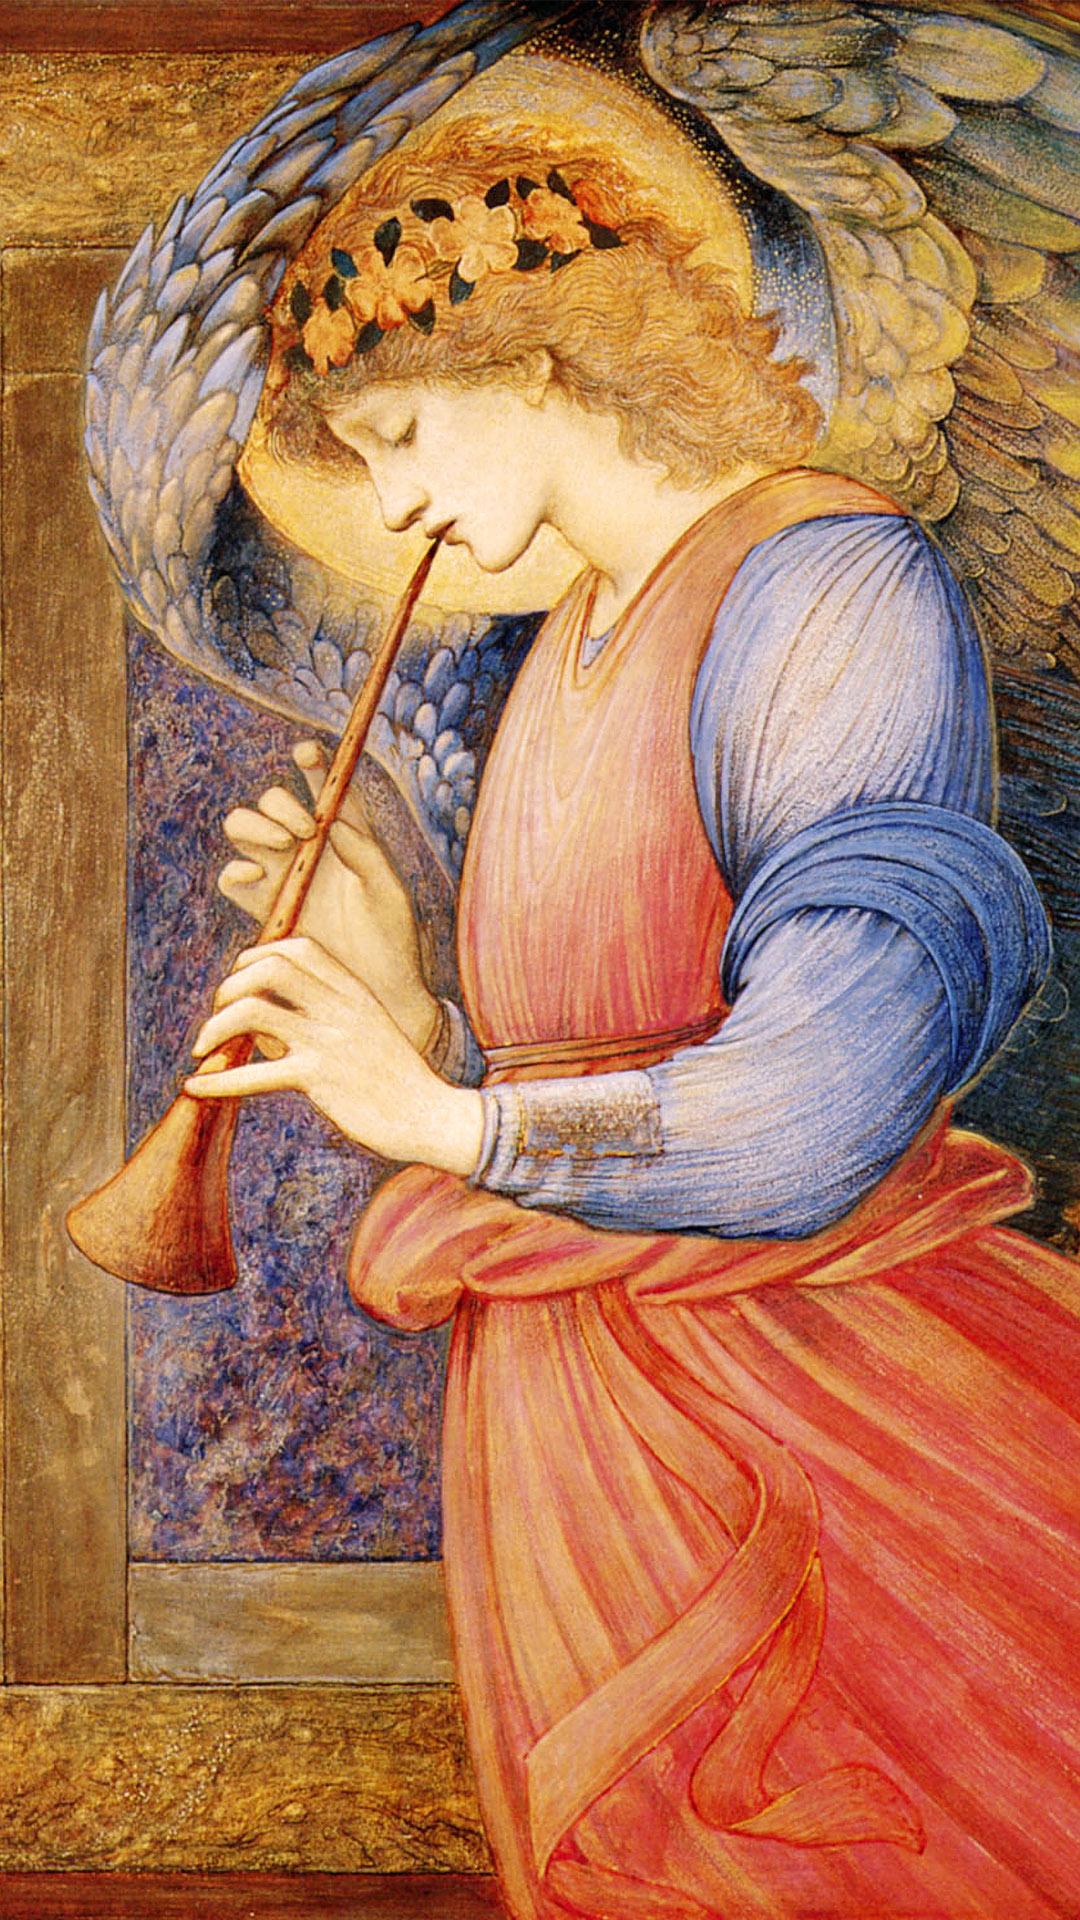 Edward Coley Burne-Jones - n Angel Playing a Flageolet 1080x1920